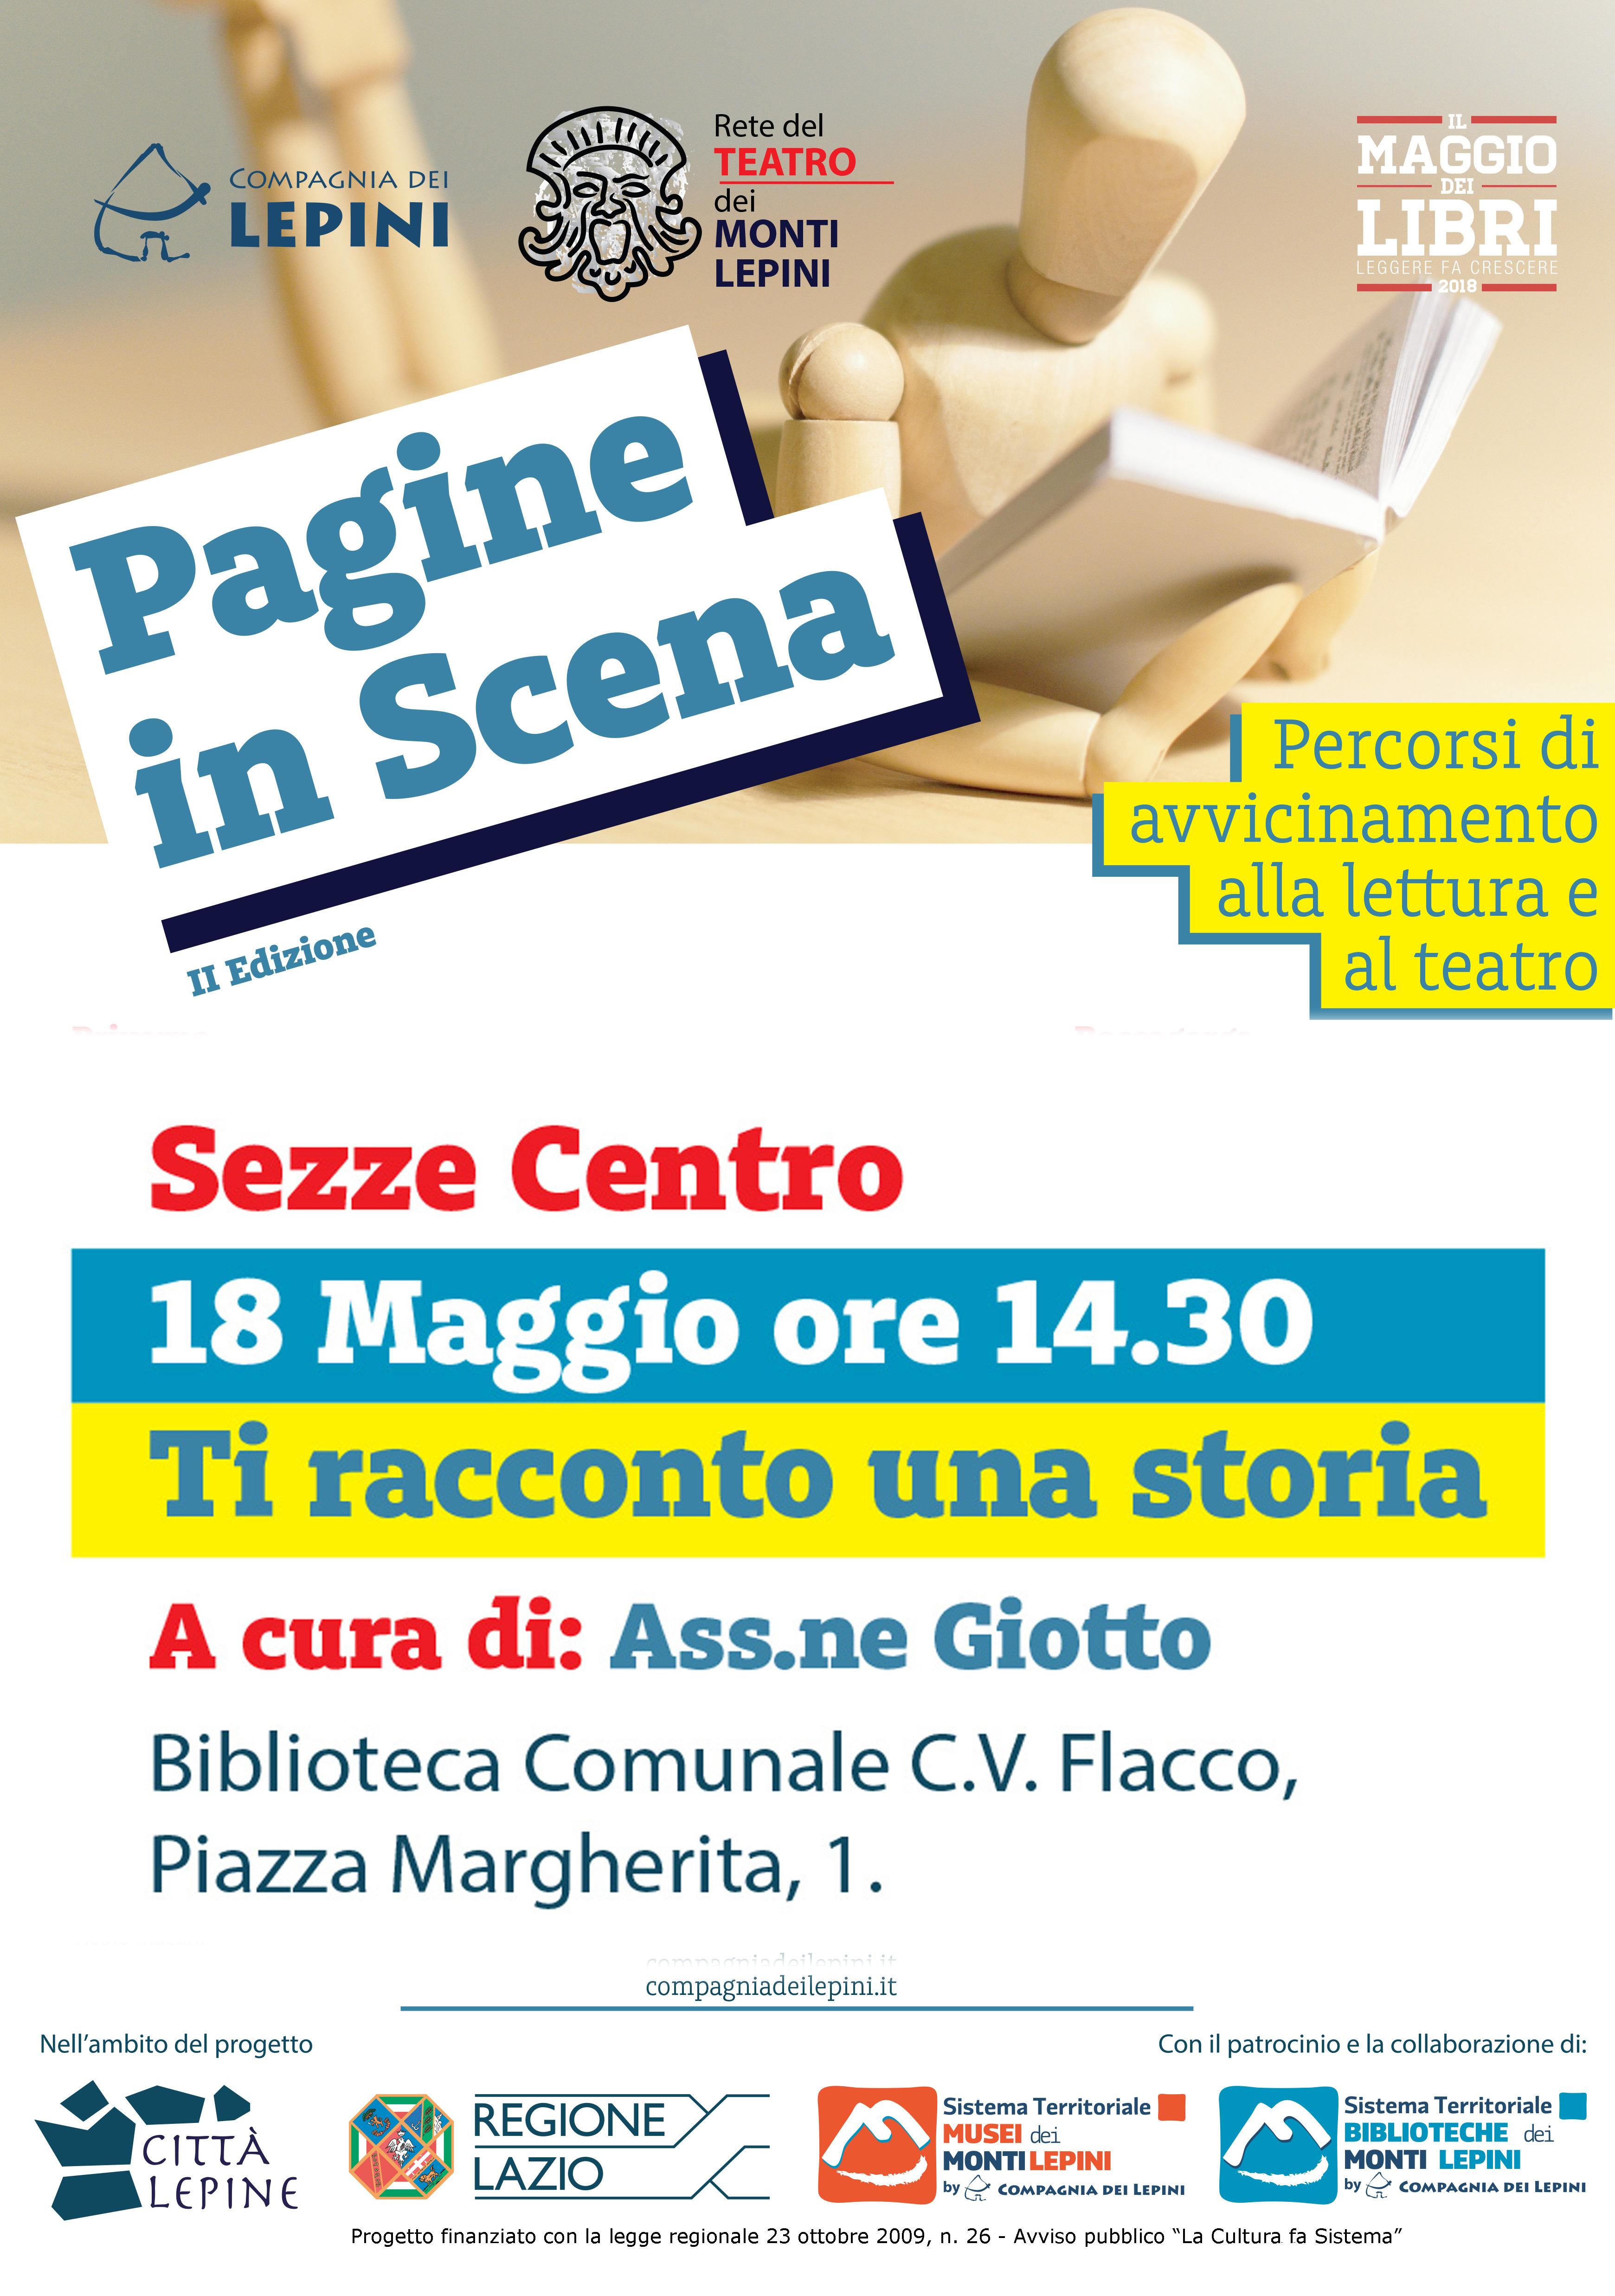 Pagine in scena Sezze: Ti racconto una storia @ Biblioteca Caio Valerio Flacco | Sezze | Lazio | Italia